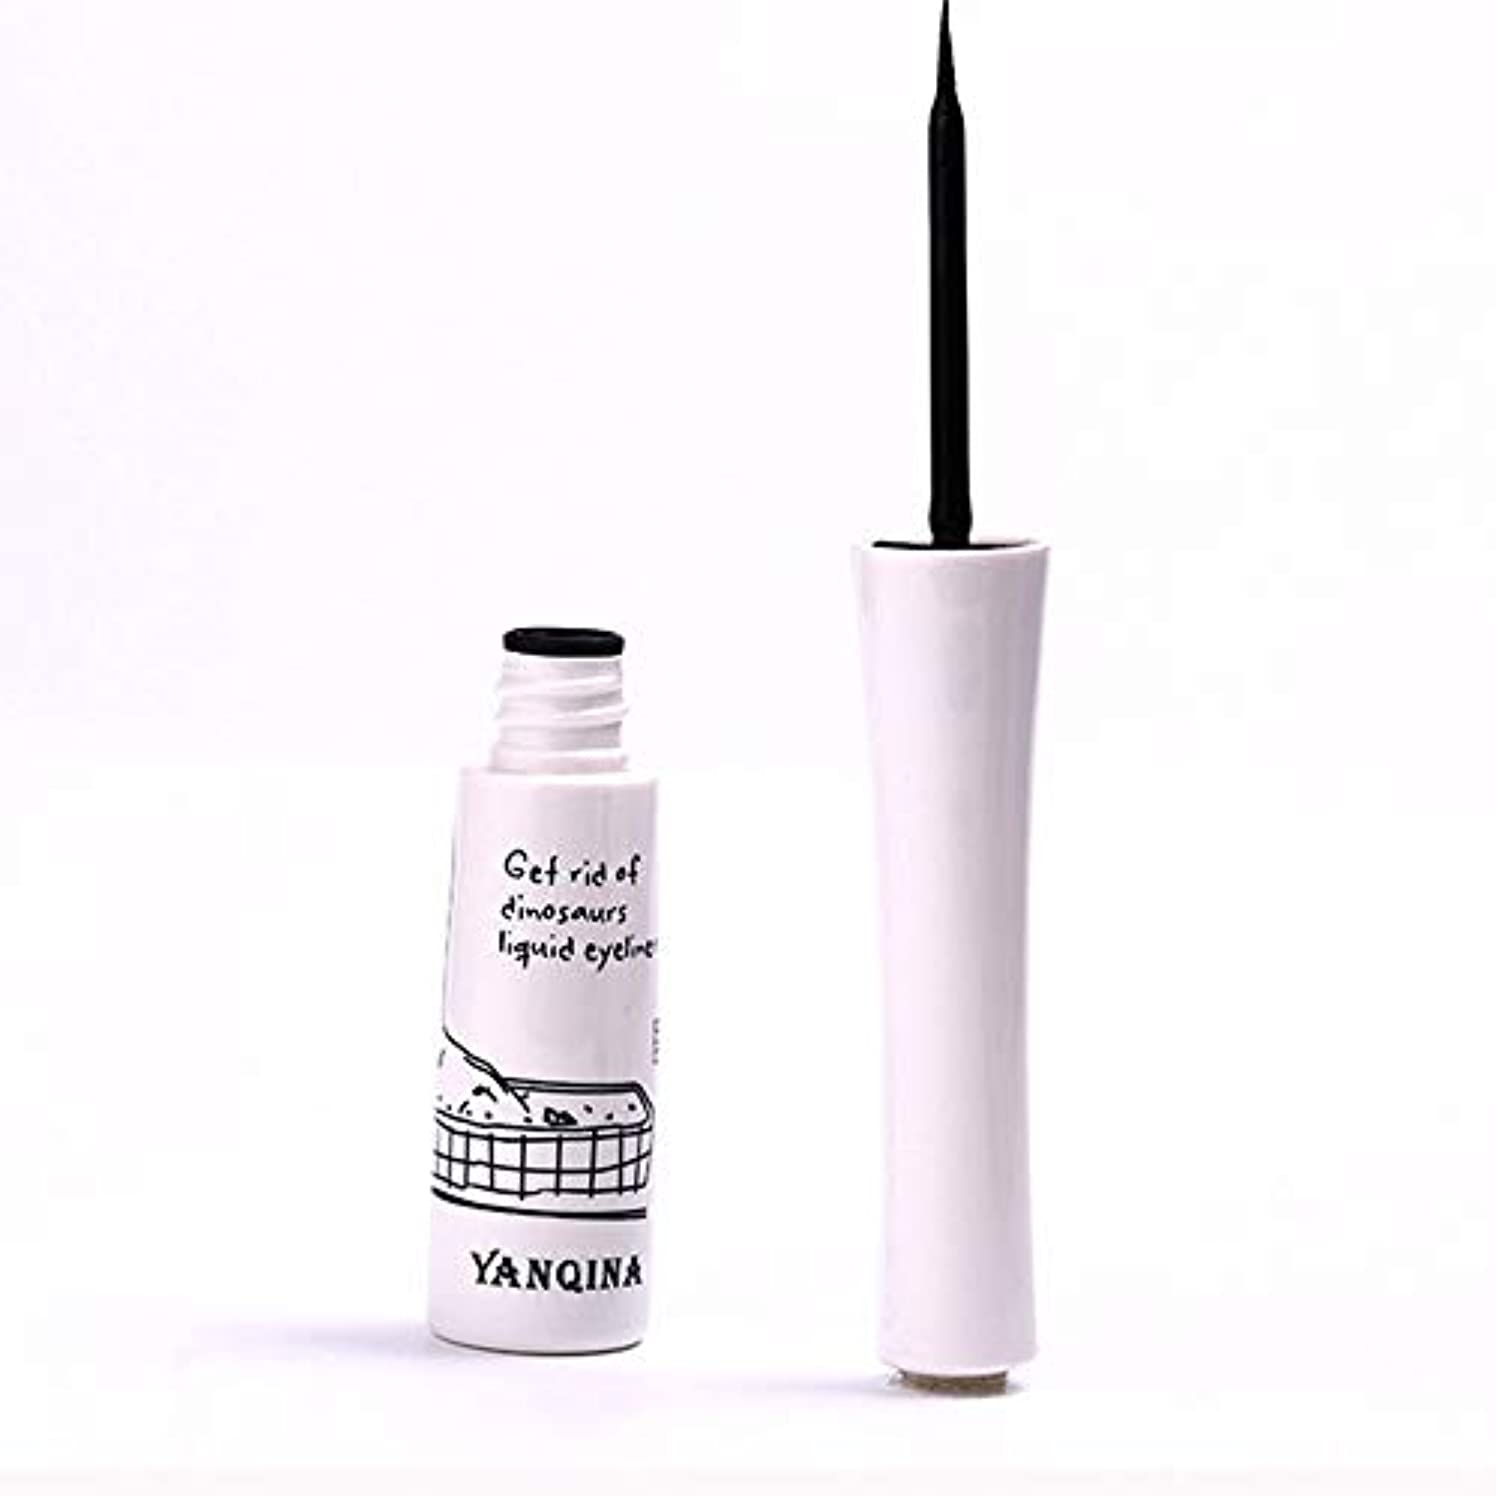 セラーまっすぐラベ黒いアイライナーの防水液体のアイライナーの鉛筆のペンは特徴を構成します